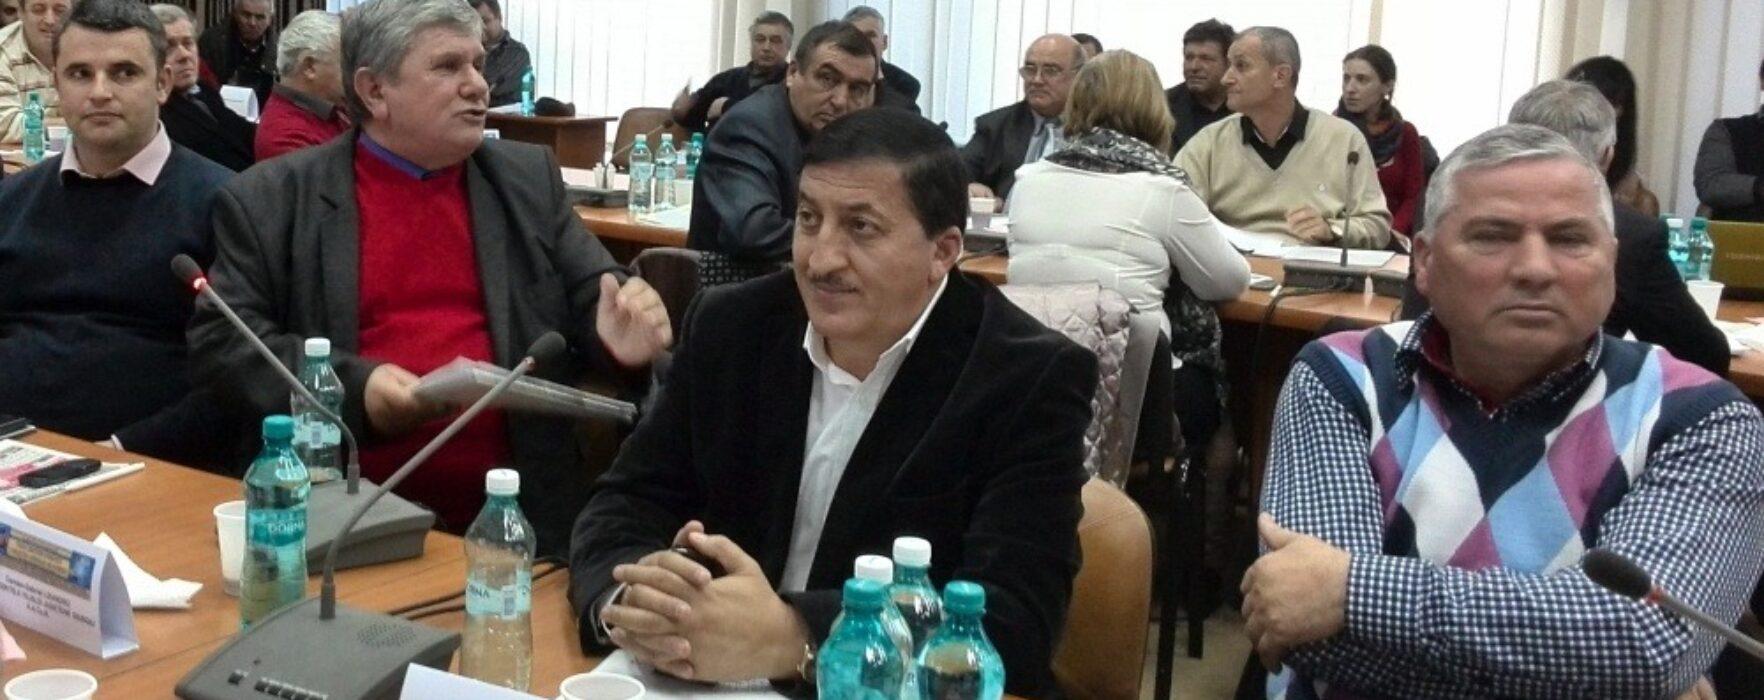 Primăriile din Dâmboviţa ar putea fi executate silit pentru datoriile la taxa de habitat